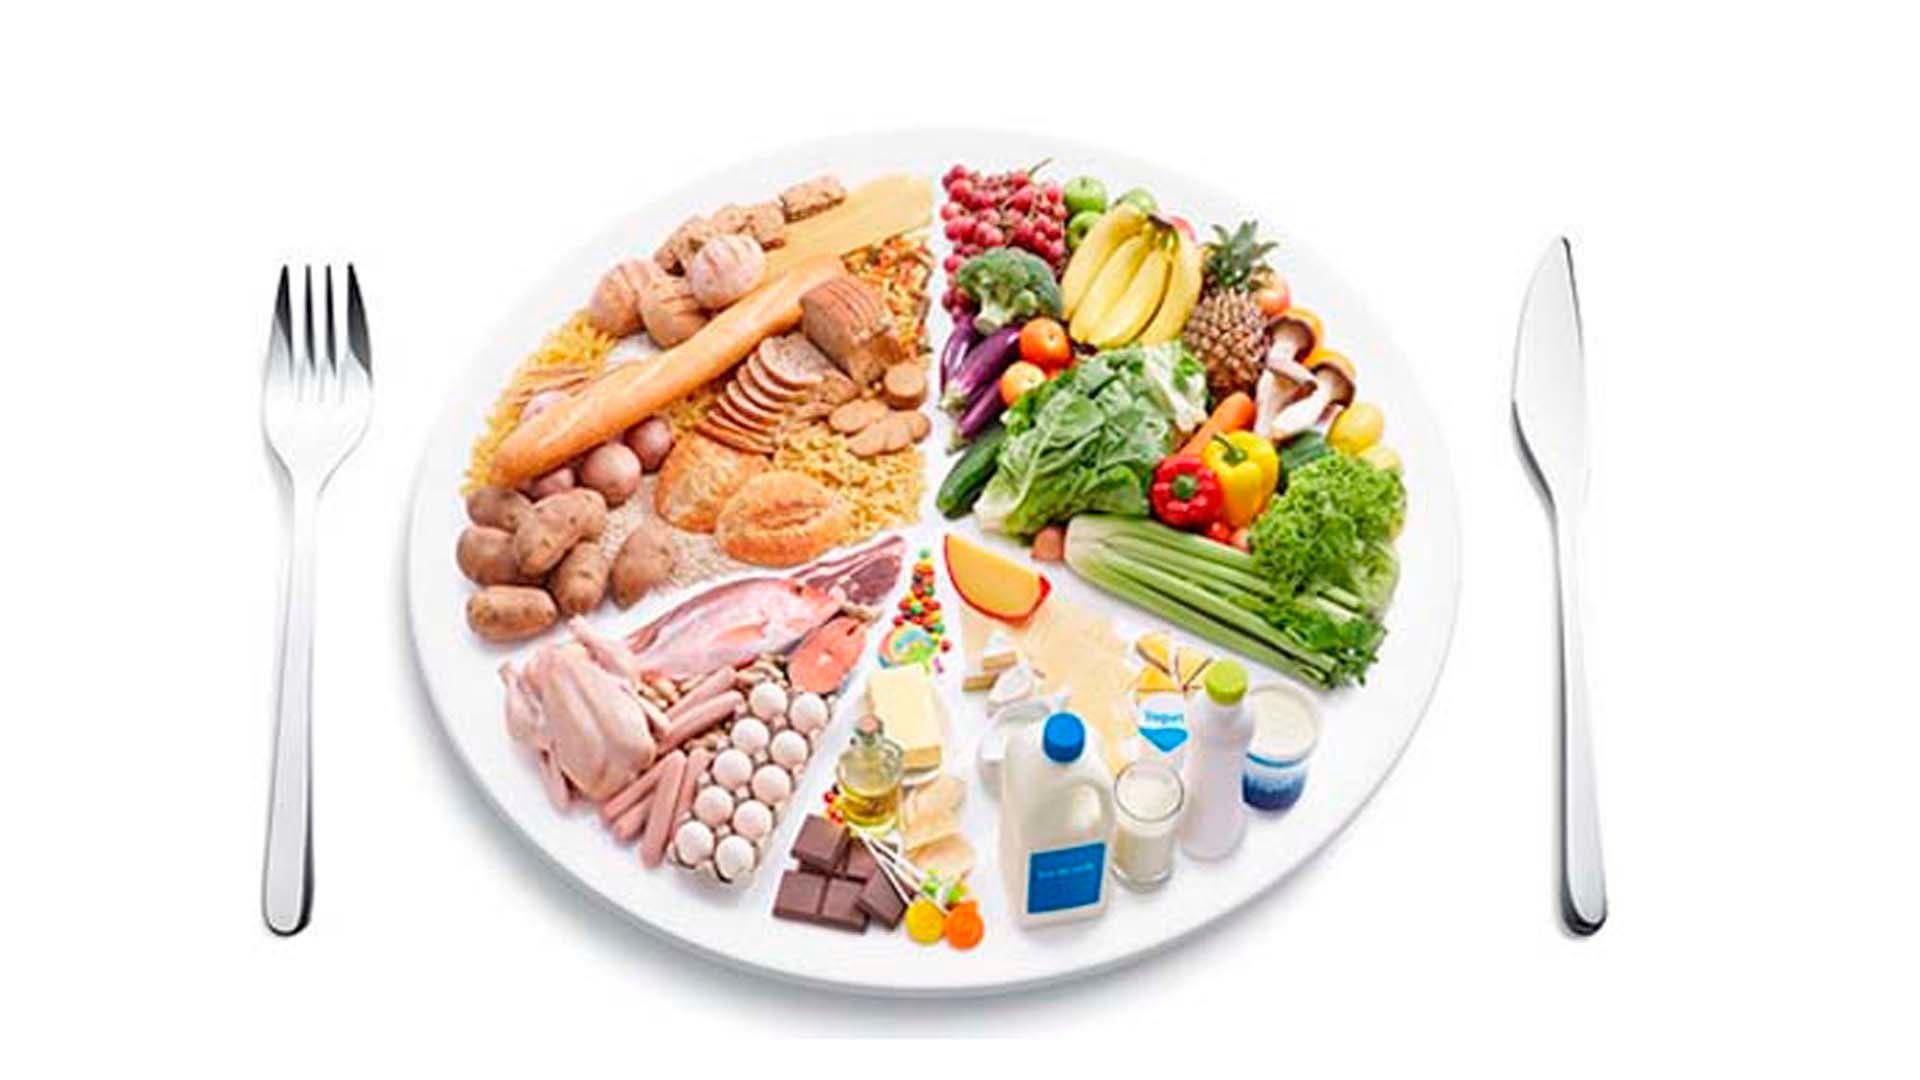 раздельное питание для похудения отзывы похудевших видео